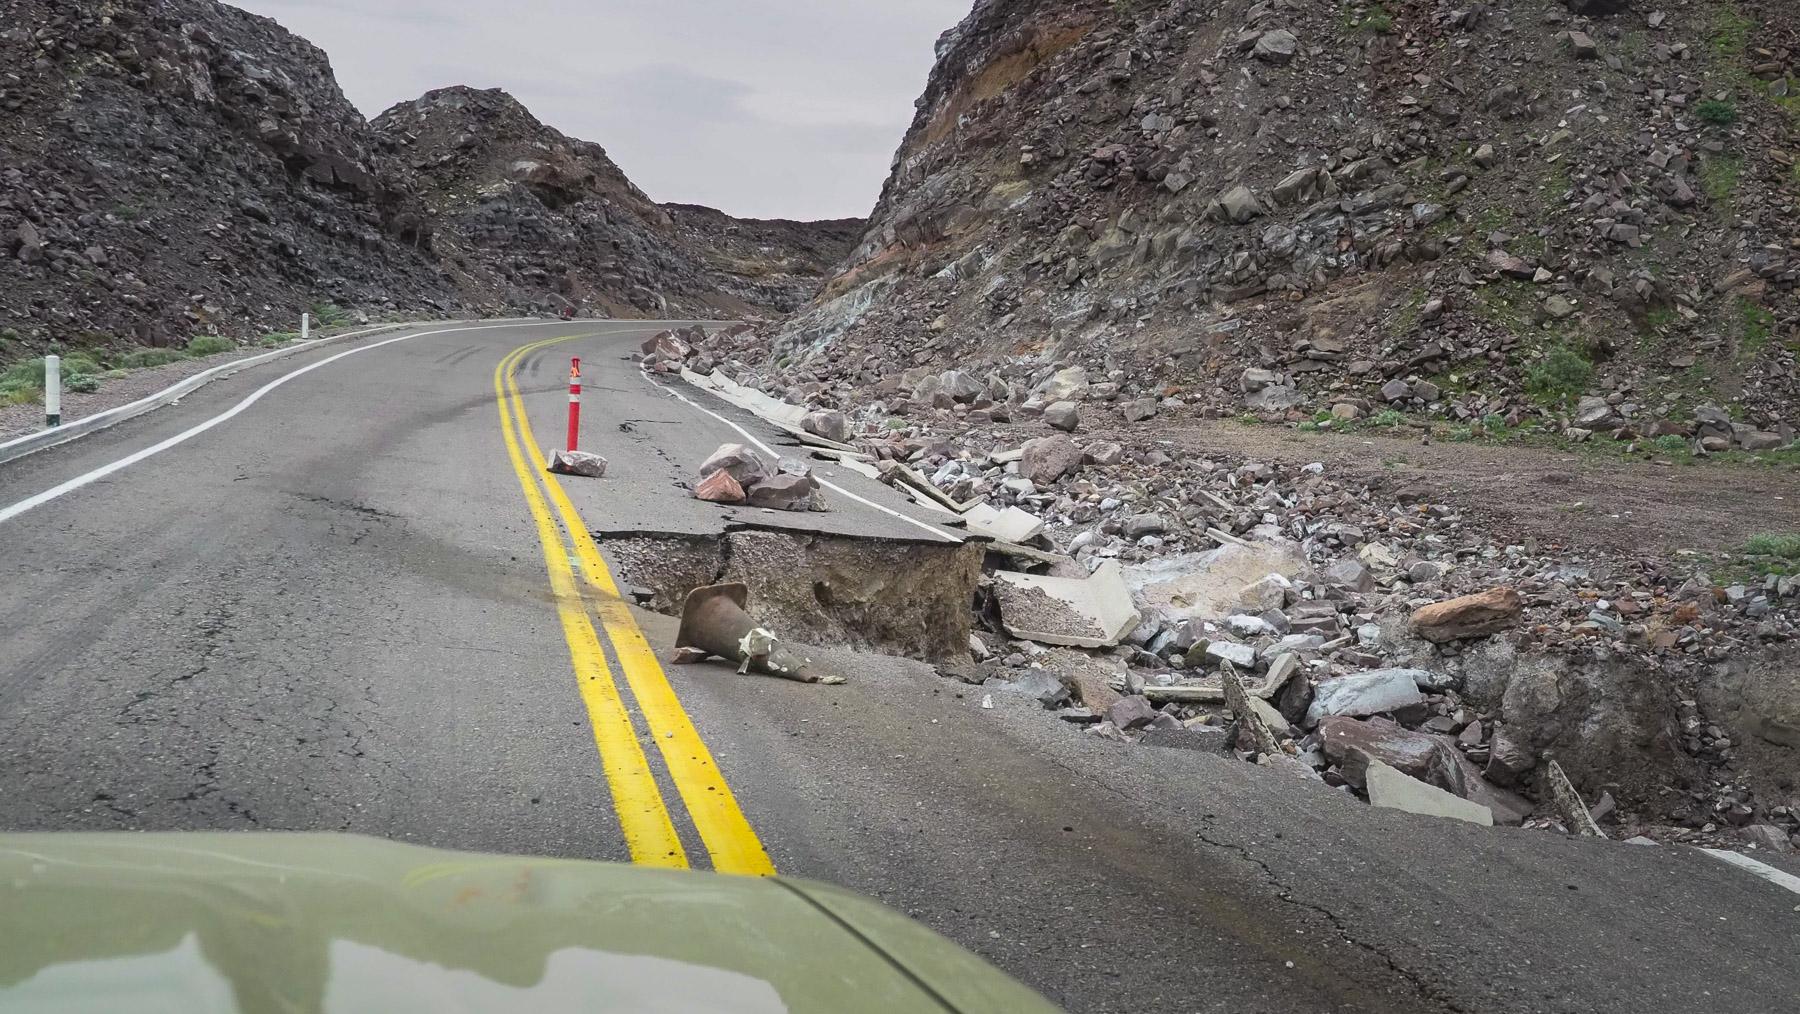 Die vom letzten Hurrikan verwüstete Mex 5